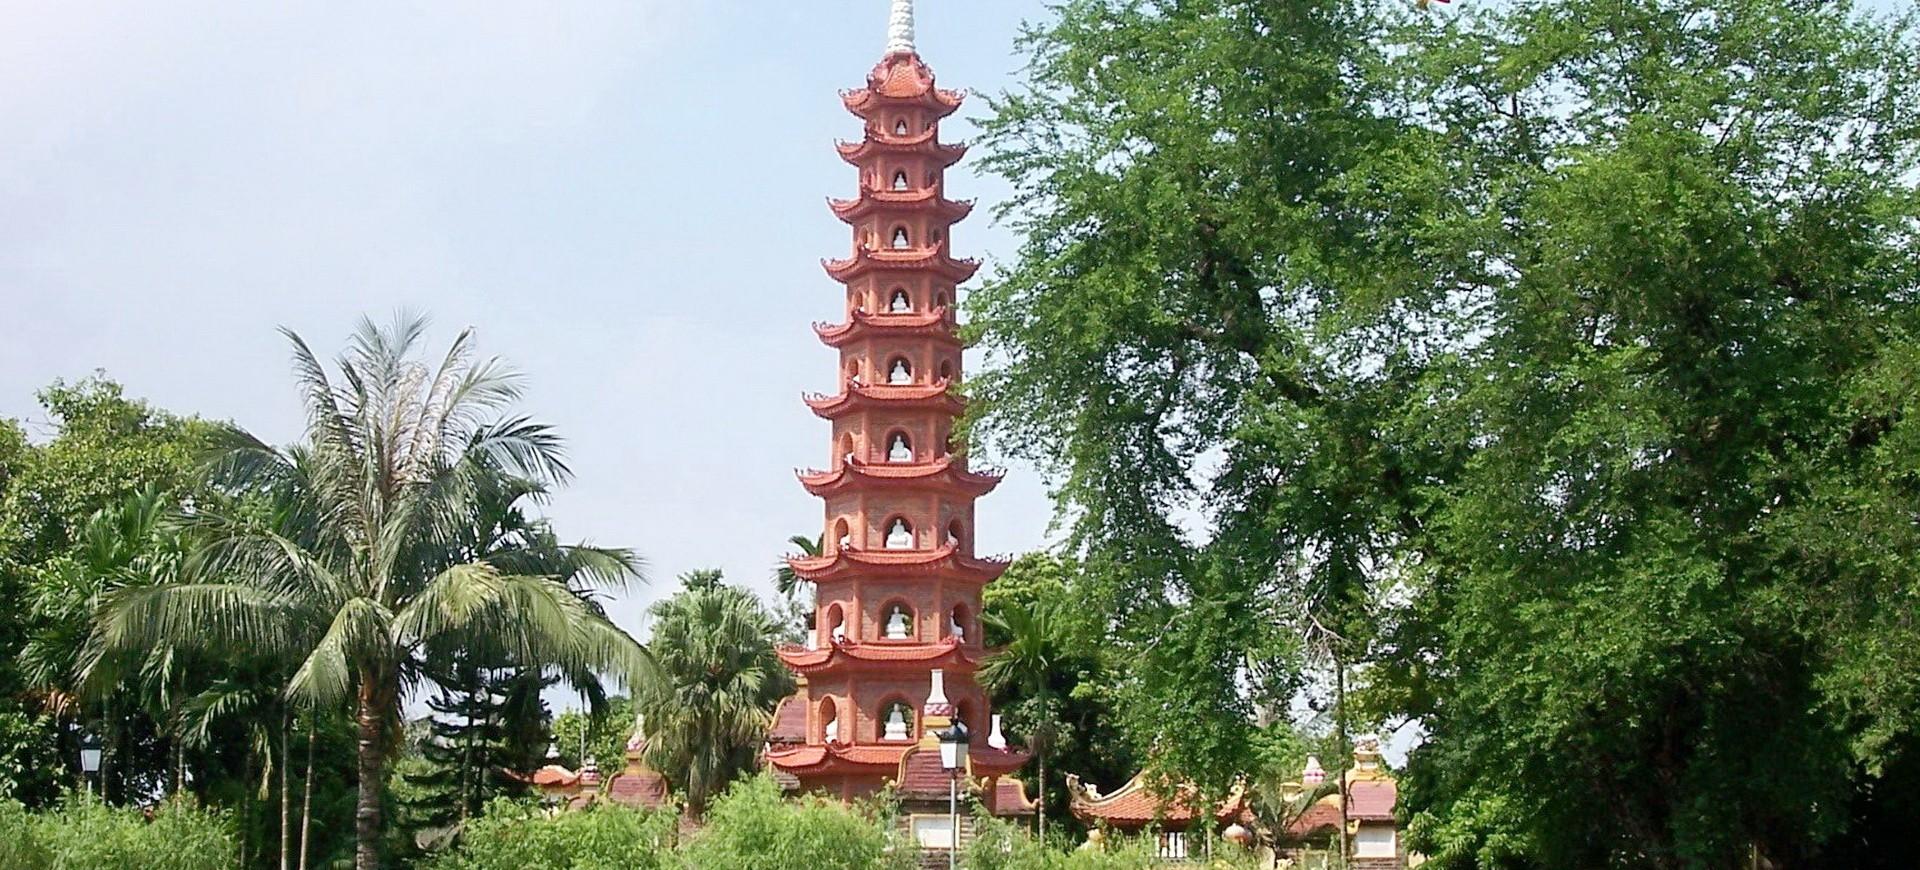 Pagode à Hanoi au Vietnam